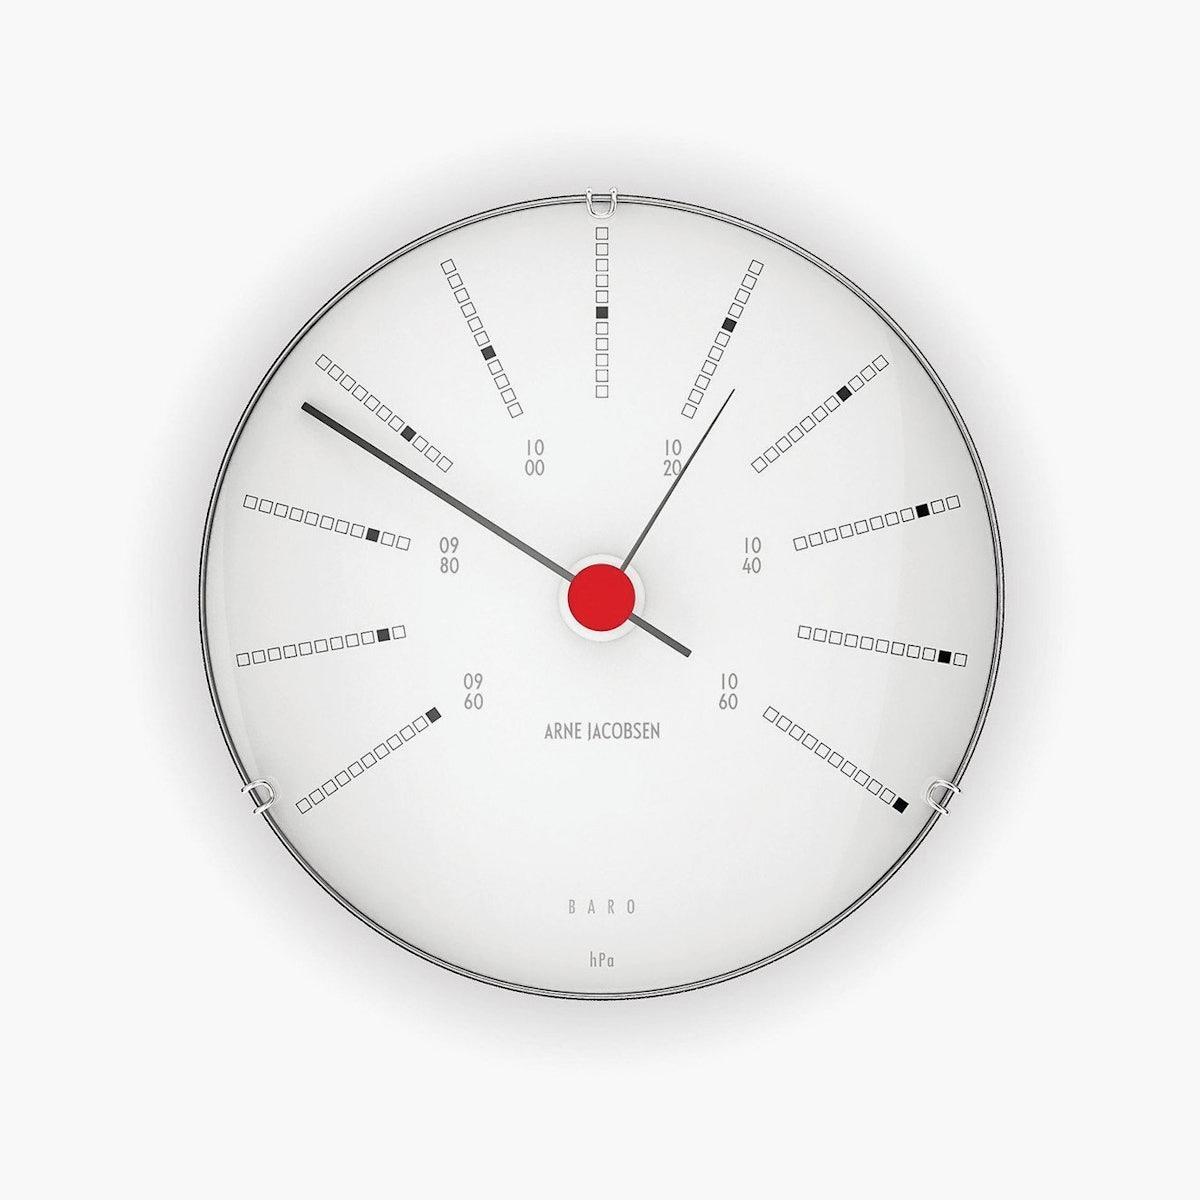 Banker's Barometer